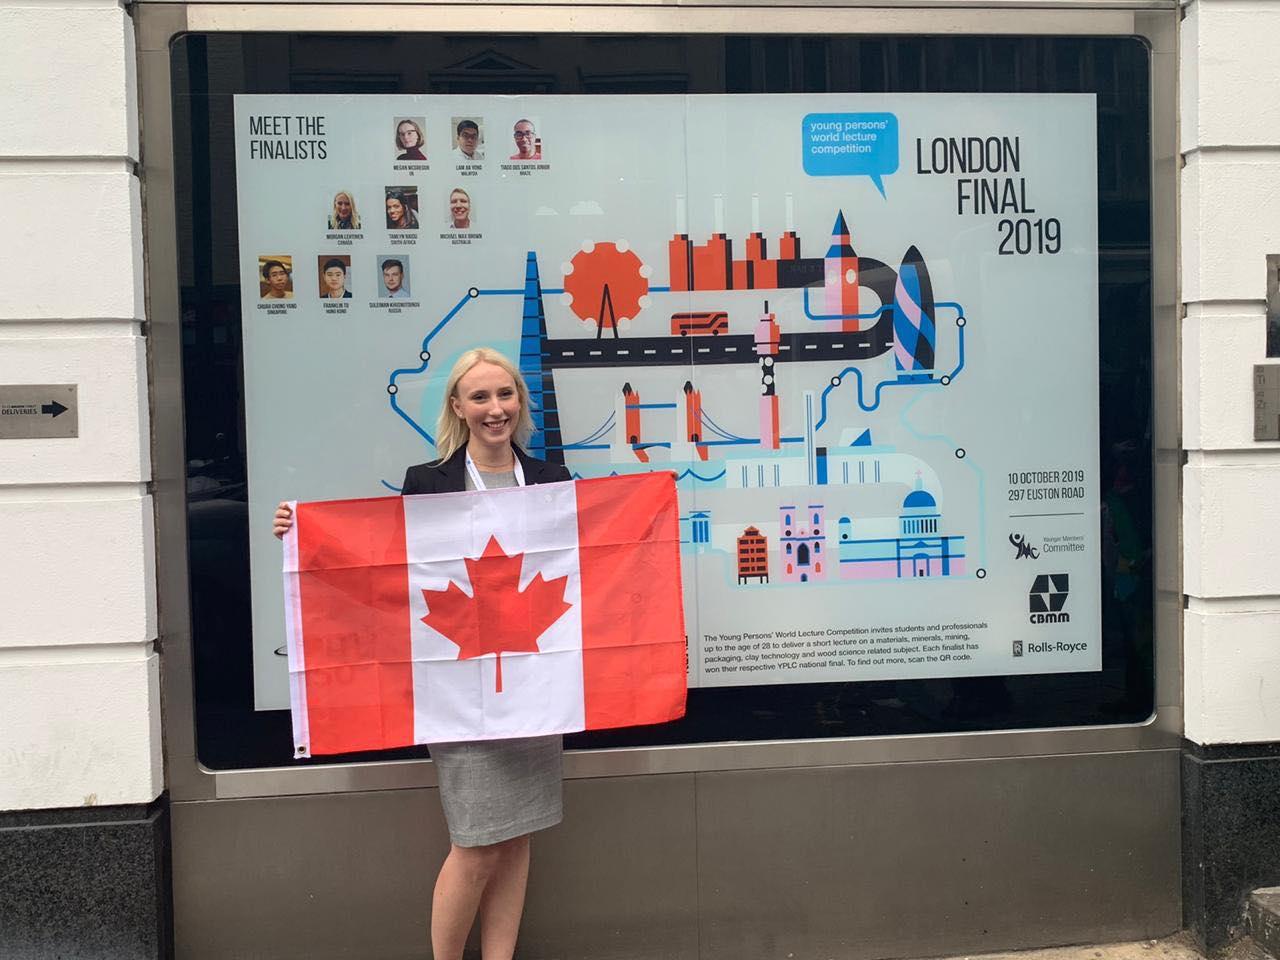 2019 YPWLC Canadian Finalist, Morgan Lehtinen, in London, UK.